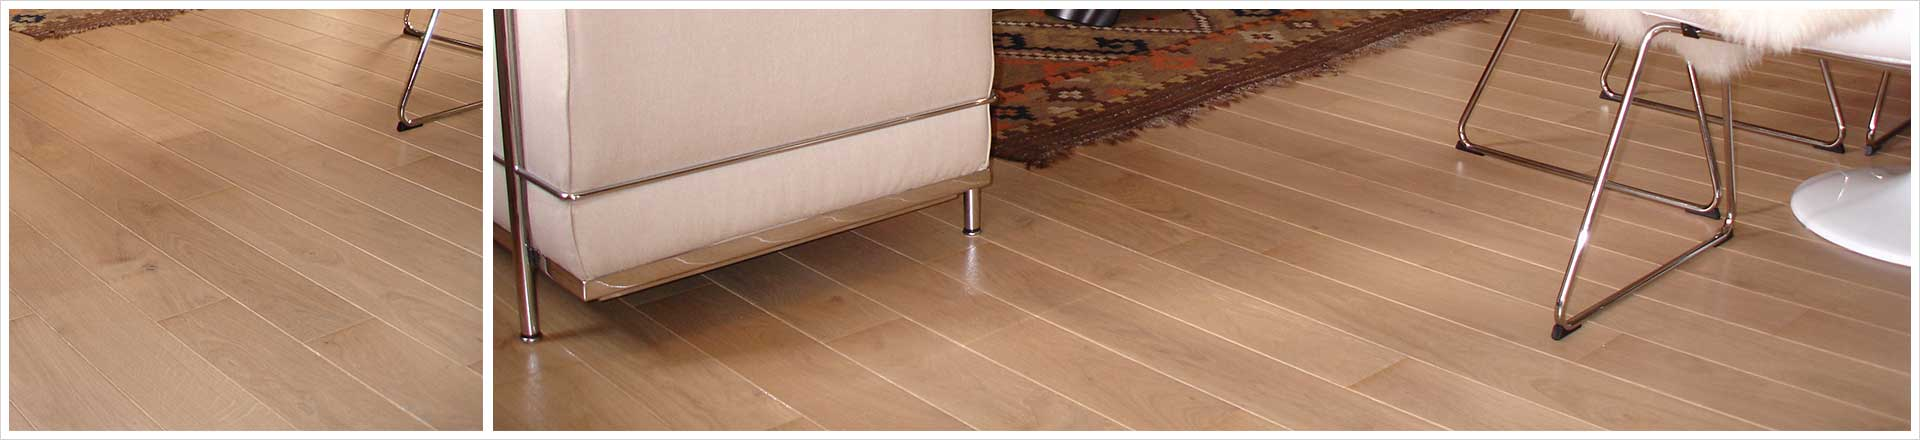 parquet vernis entretien du parquet cir huil vitrifi brilliant parquet cir ou vitrifi with. Black Bedroom Furniture Sets. Home Design Ideas